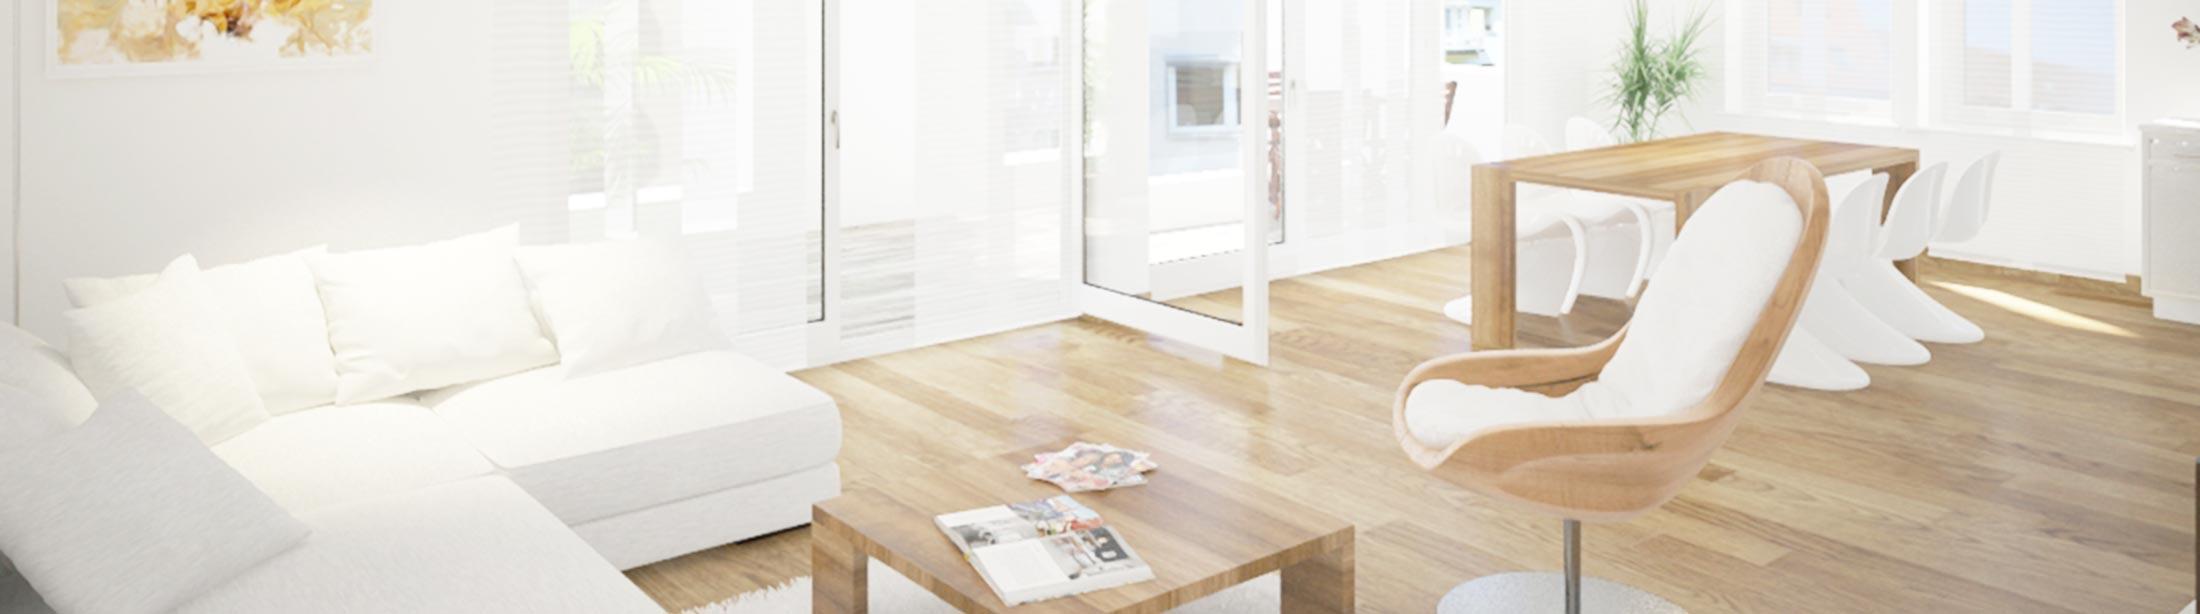 immobilien vermarktung ludwigsburg immobilienwert berechnen kostenlos suche haus zum kaufen. Black Bedroom Furniture Sets. Home Design Ideas